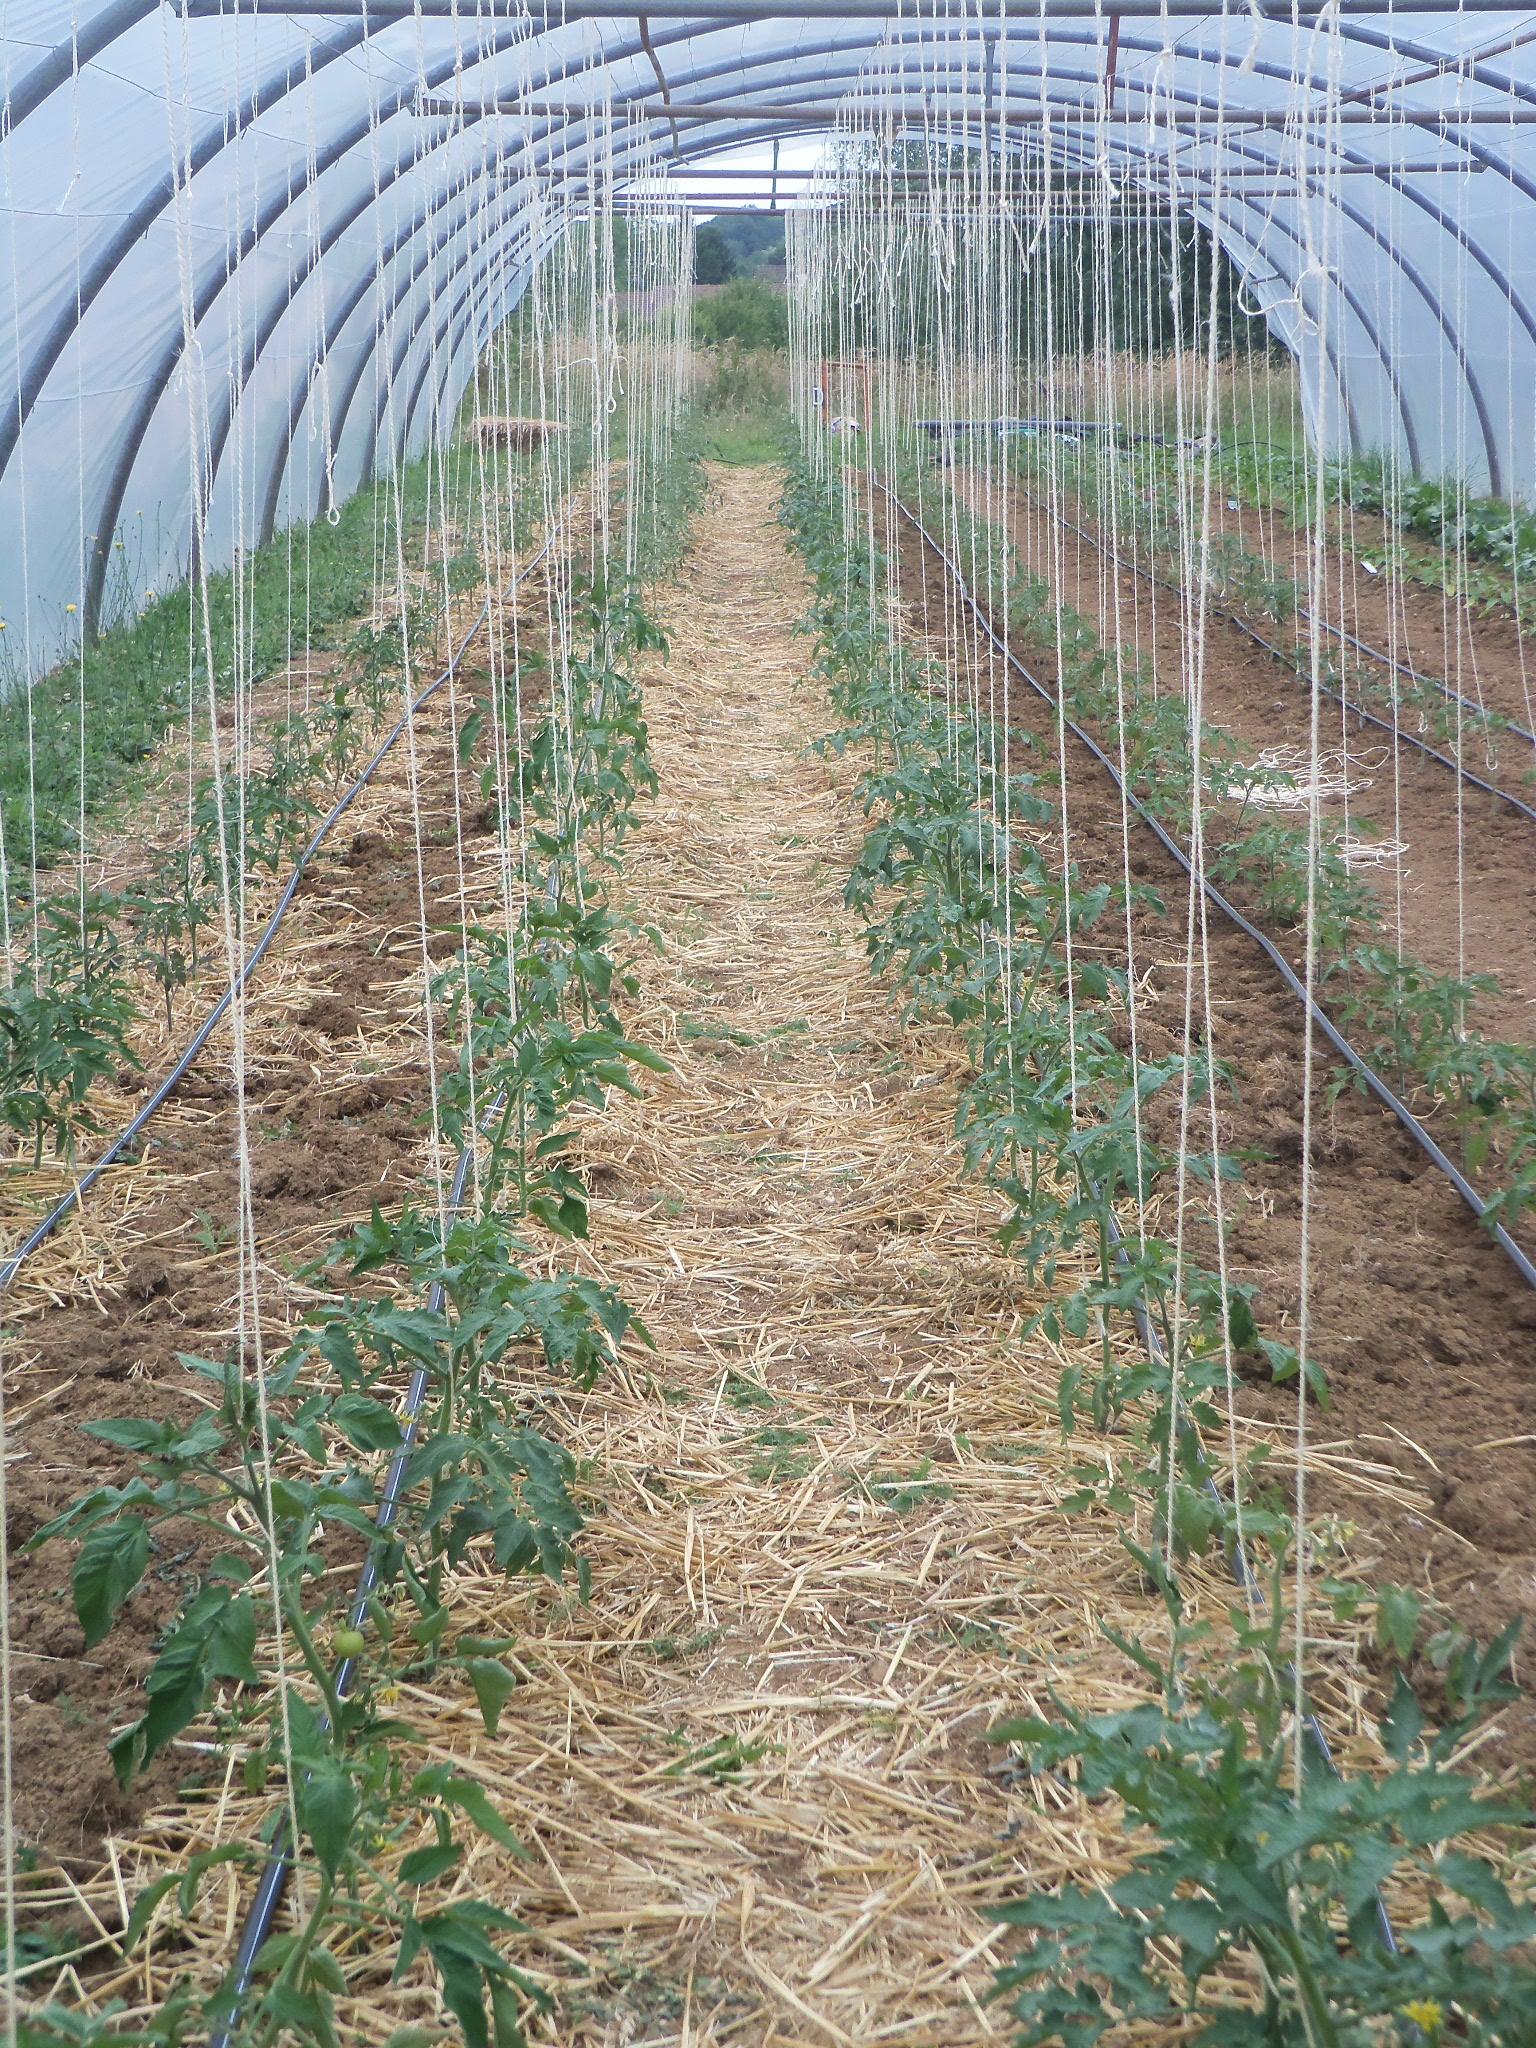 Tuteurer les tomates ai67 montrealeast - Tuteur tomate avec ficelle ...